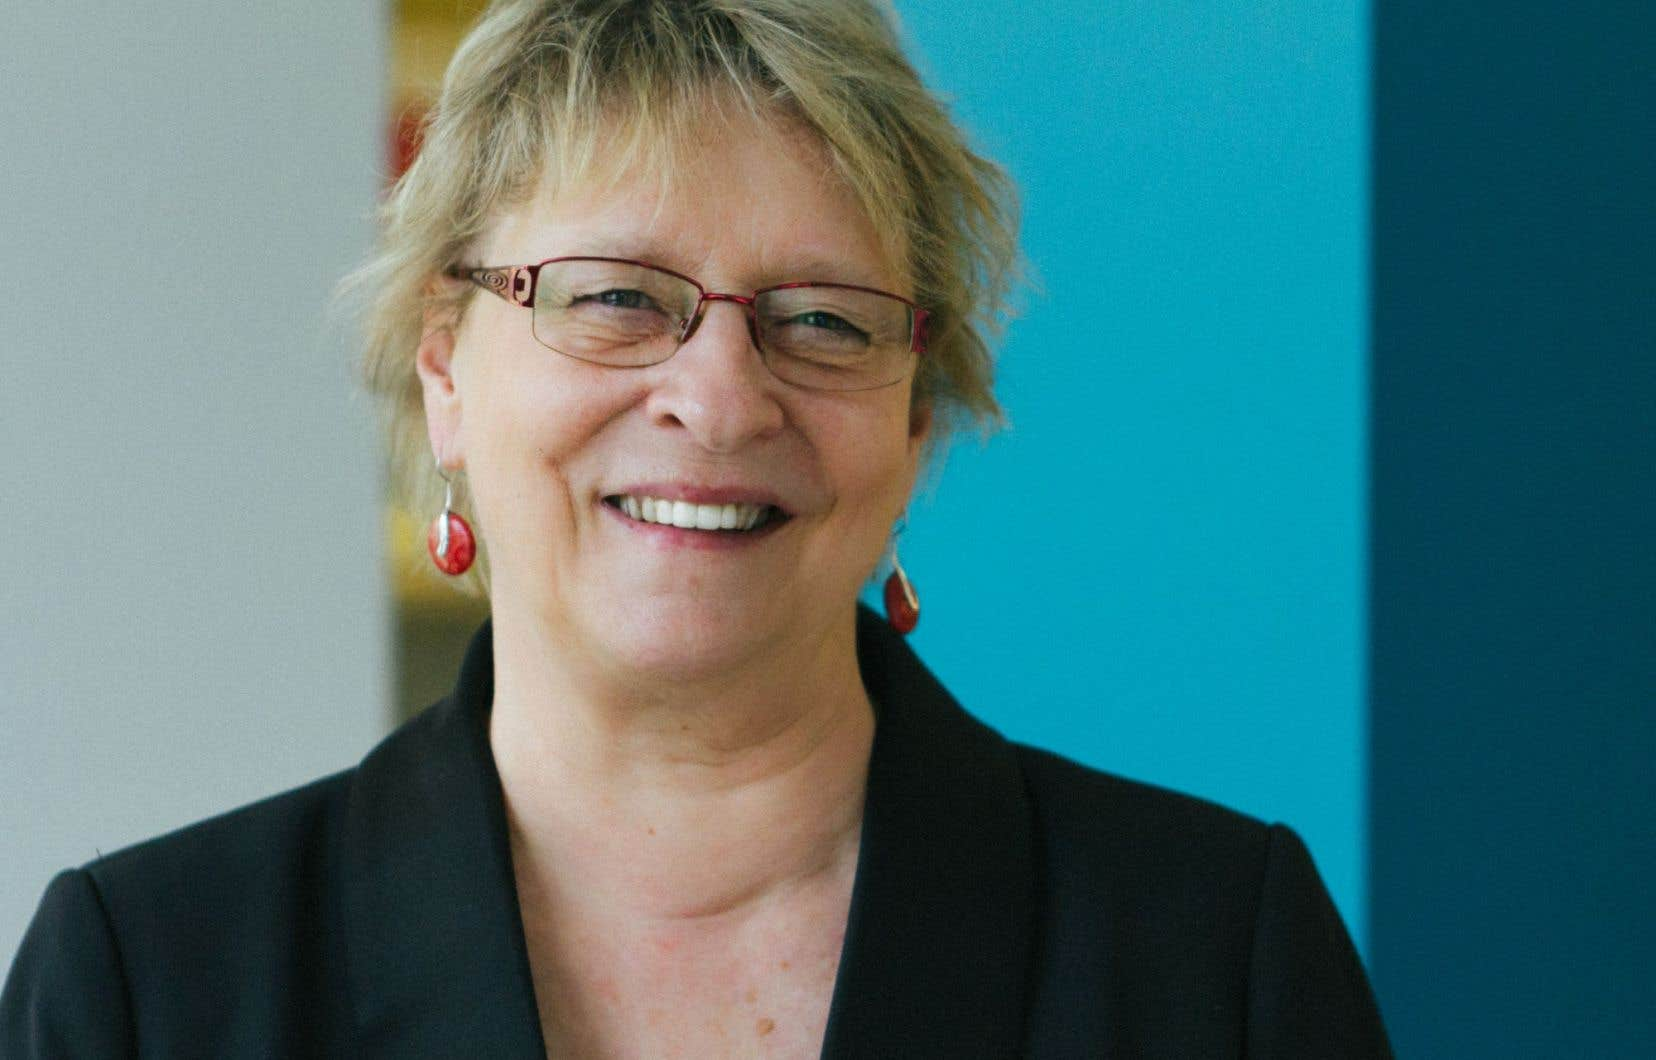 Les accusations de La Presse de «faire du militantisme» attaquent «injustement leur intégrité», affirme Mme Beaugrand-Champagne.